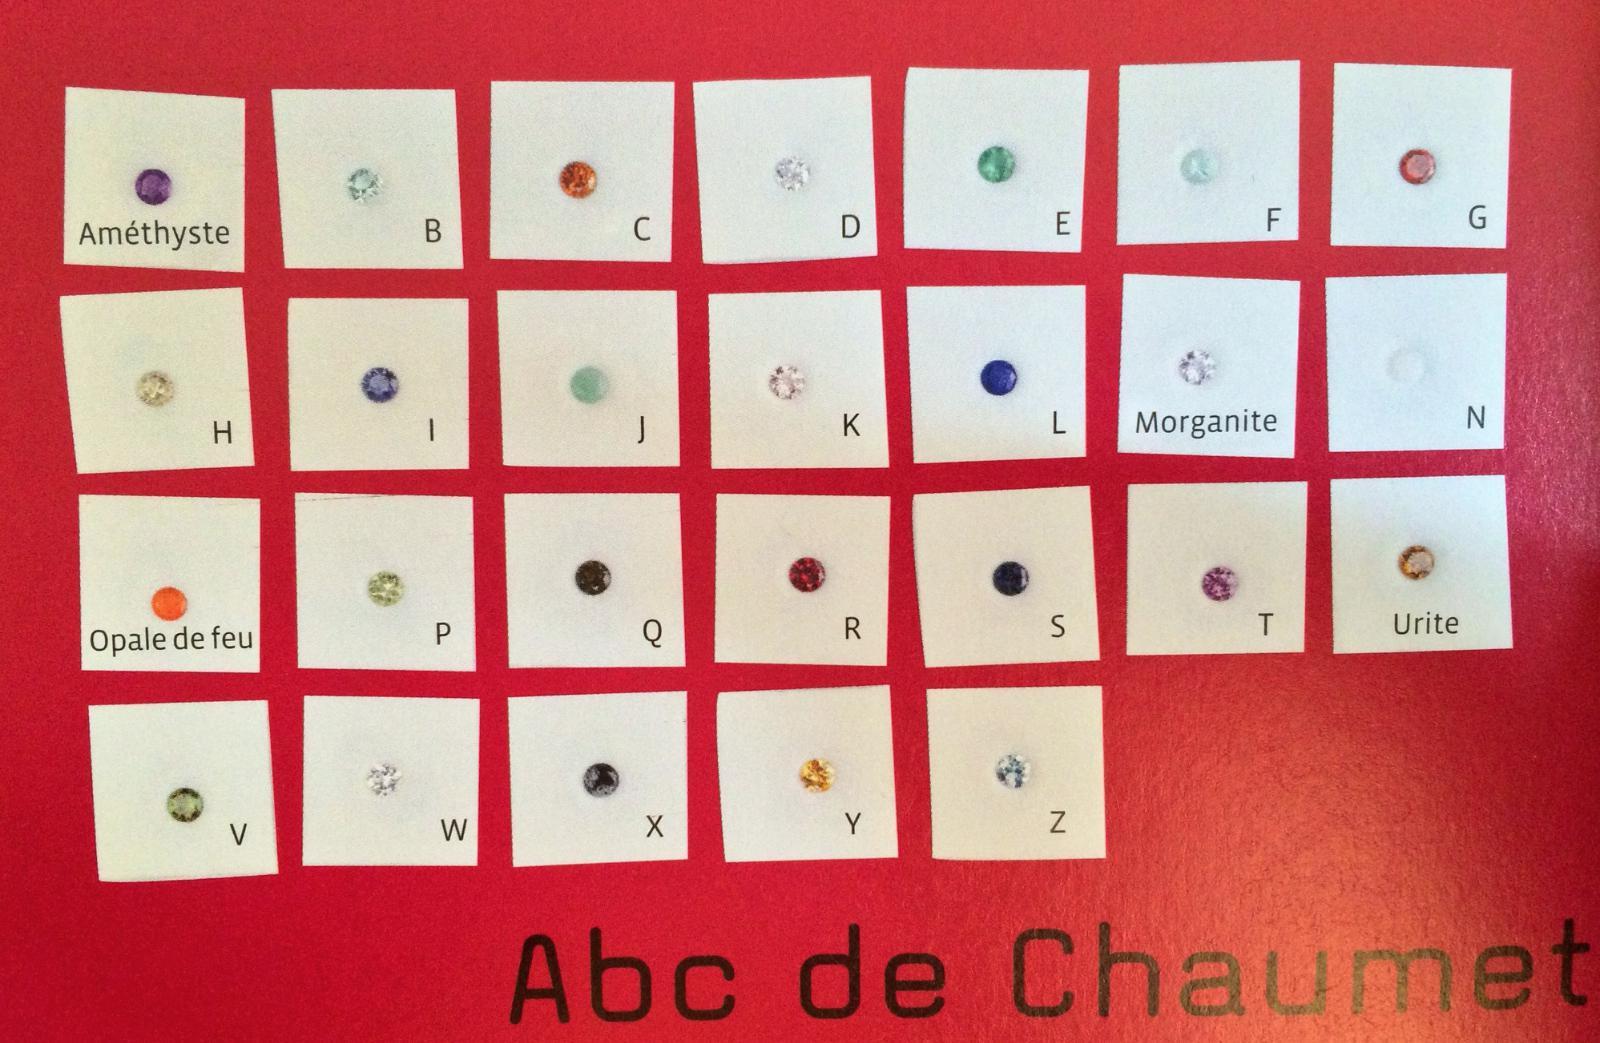 ABC chaumet